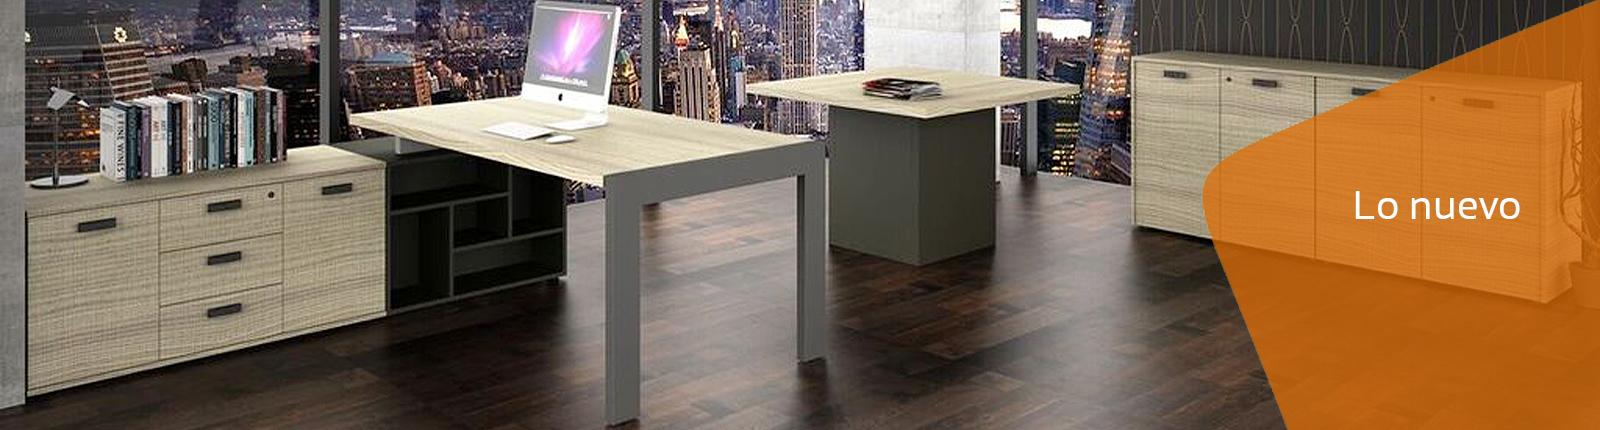 Muebles para la oficina muebles de oficina escritorios for Muebles de oficina silieri koncept